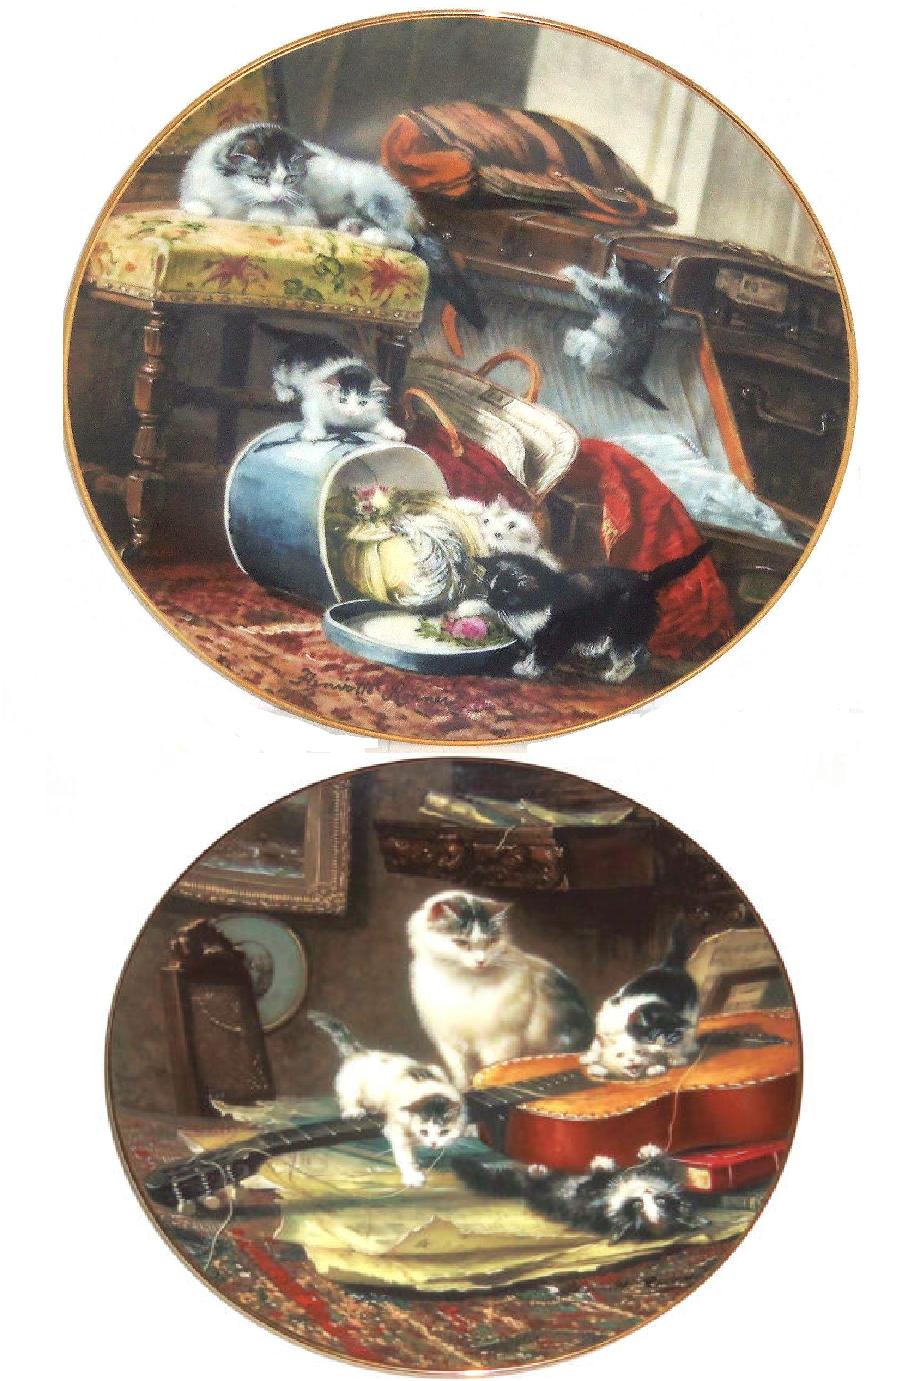 Viktorianisch Katze Kitty Kätzchen Kätzchen Kätzchen Sammler Teller mit George Henriette Renner | Diversified In Packaging  44fcf5